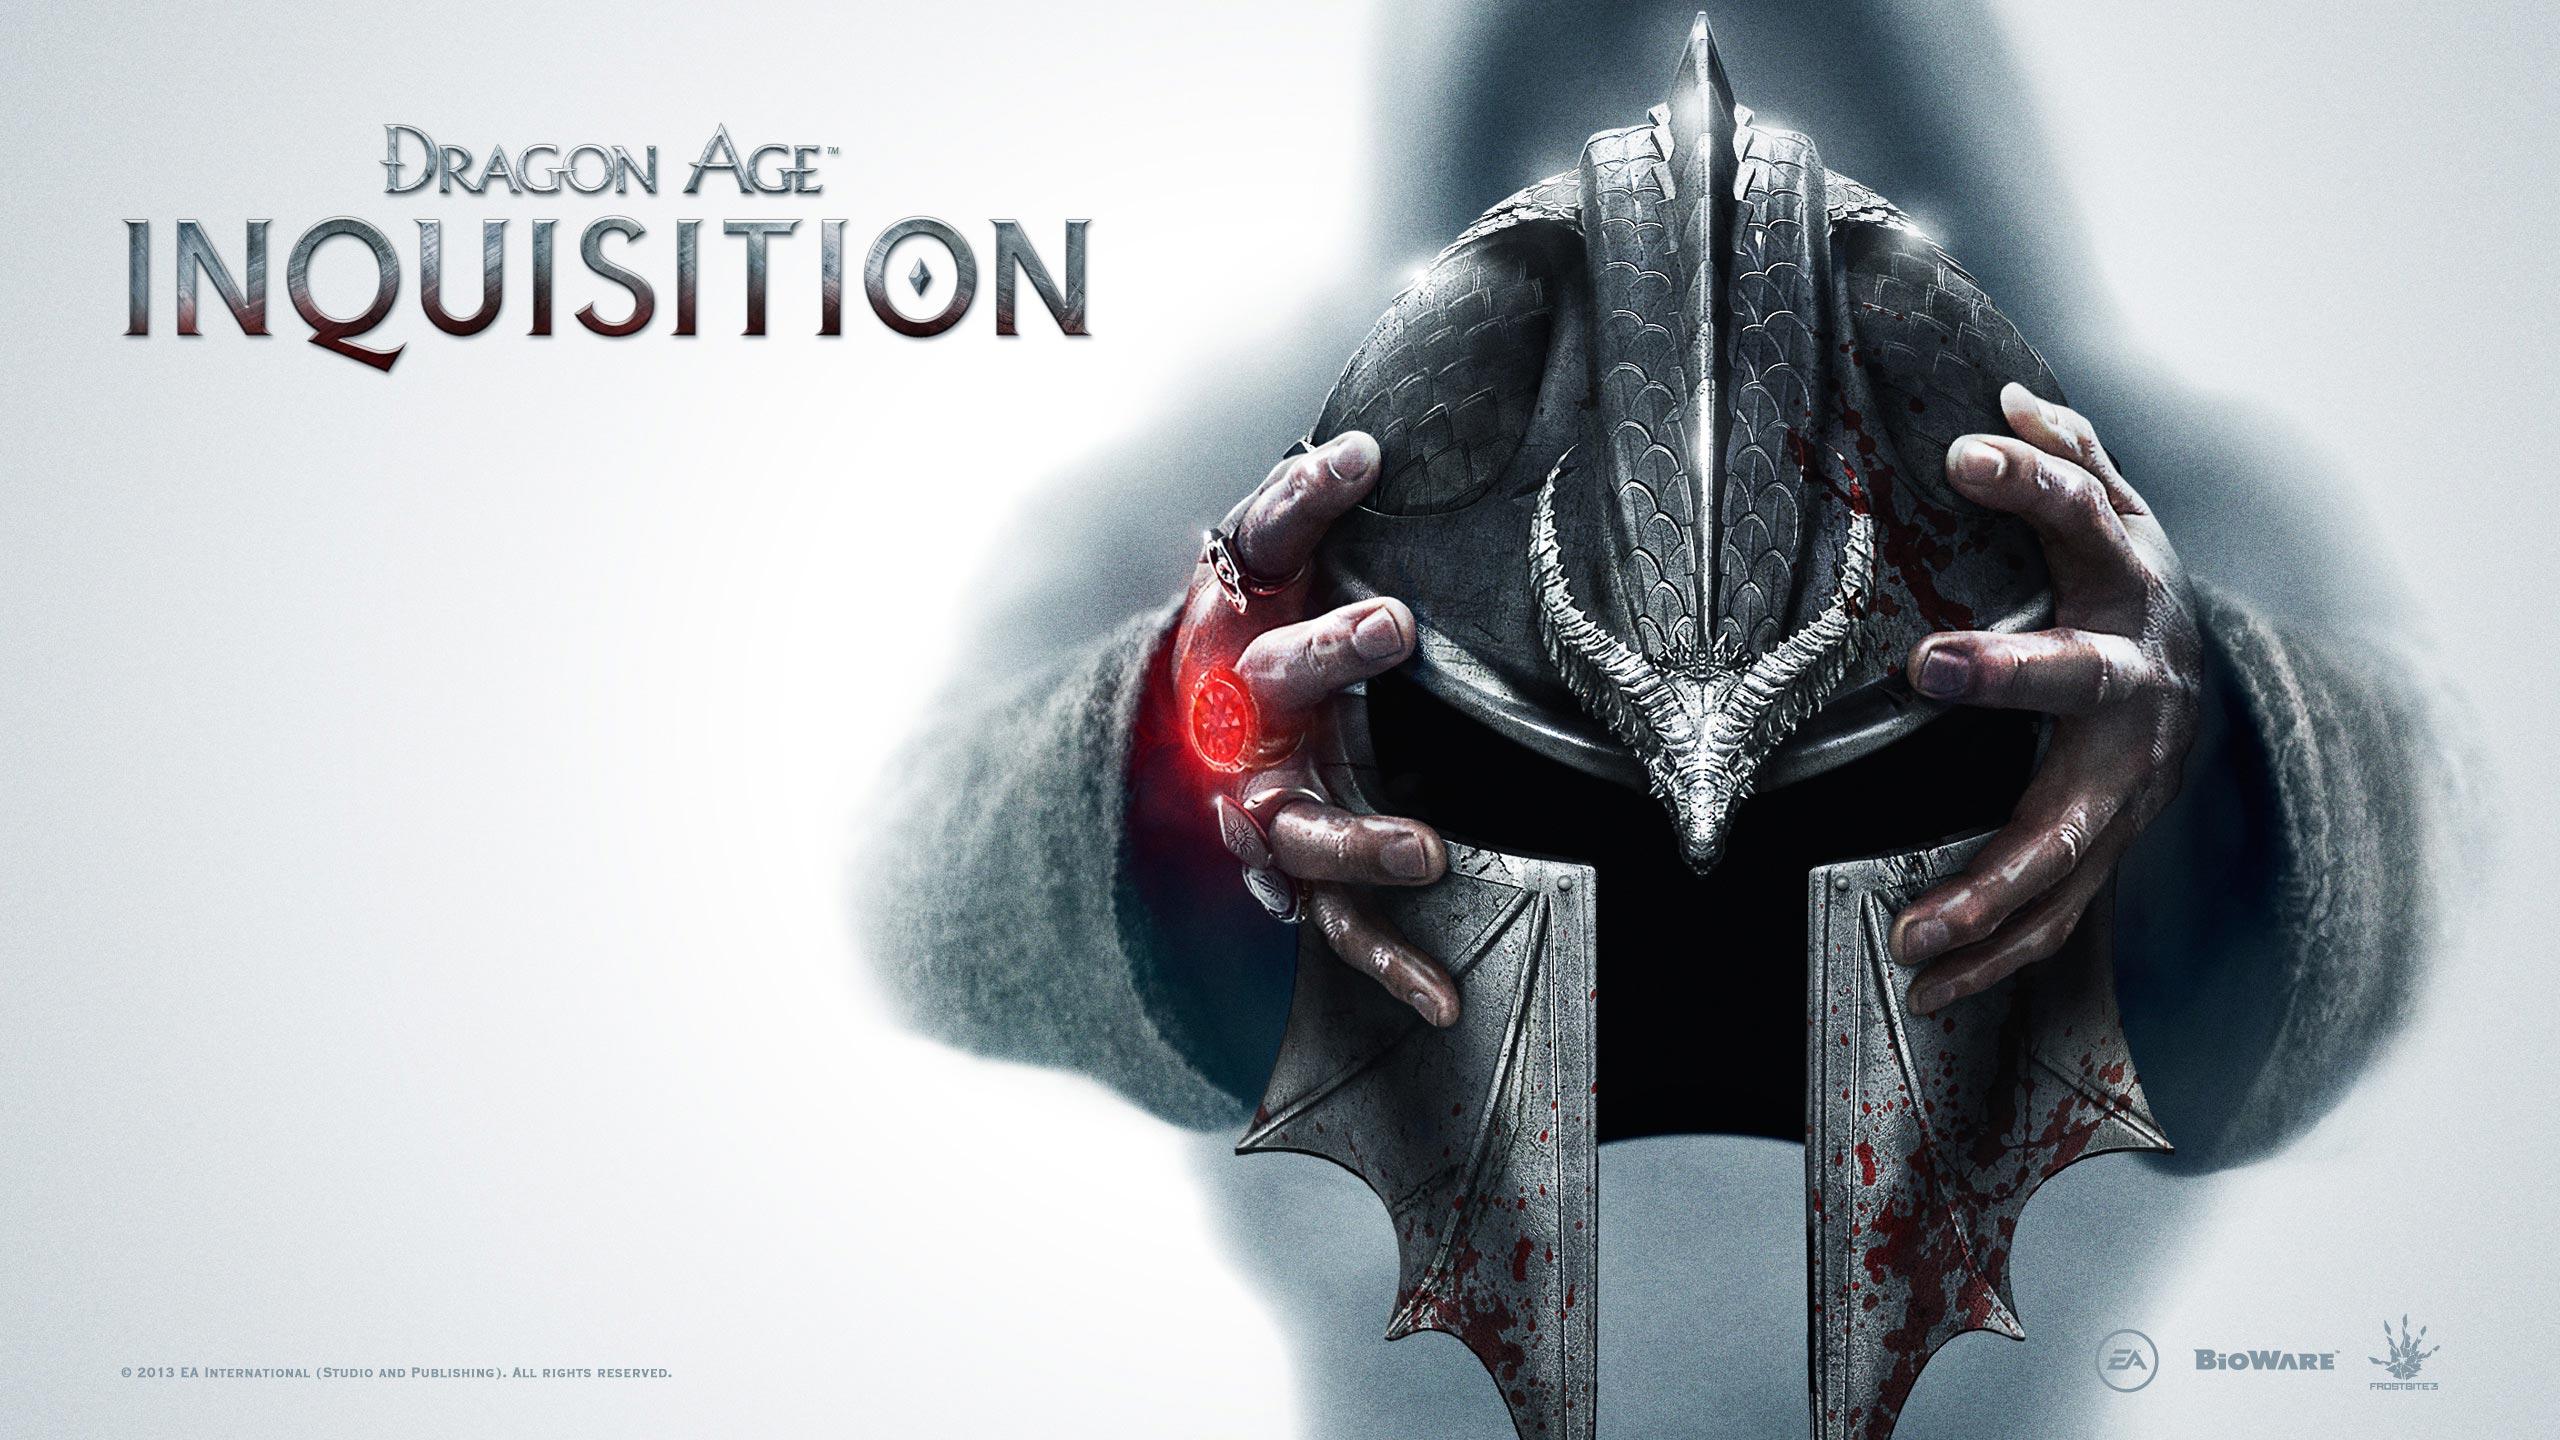 Антоха Логвинов о начале Dragon Age Инквизиция ! Почему игра говно? А говно ли? Вам понравилась?  - Изображение 1